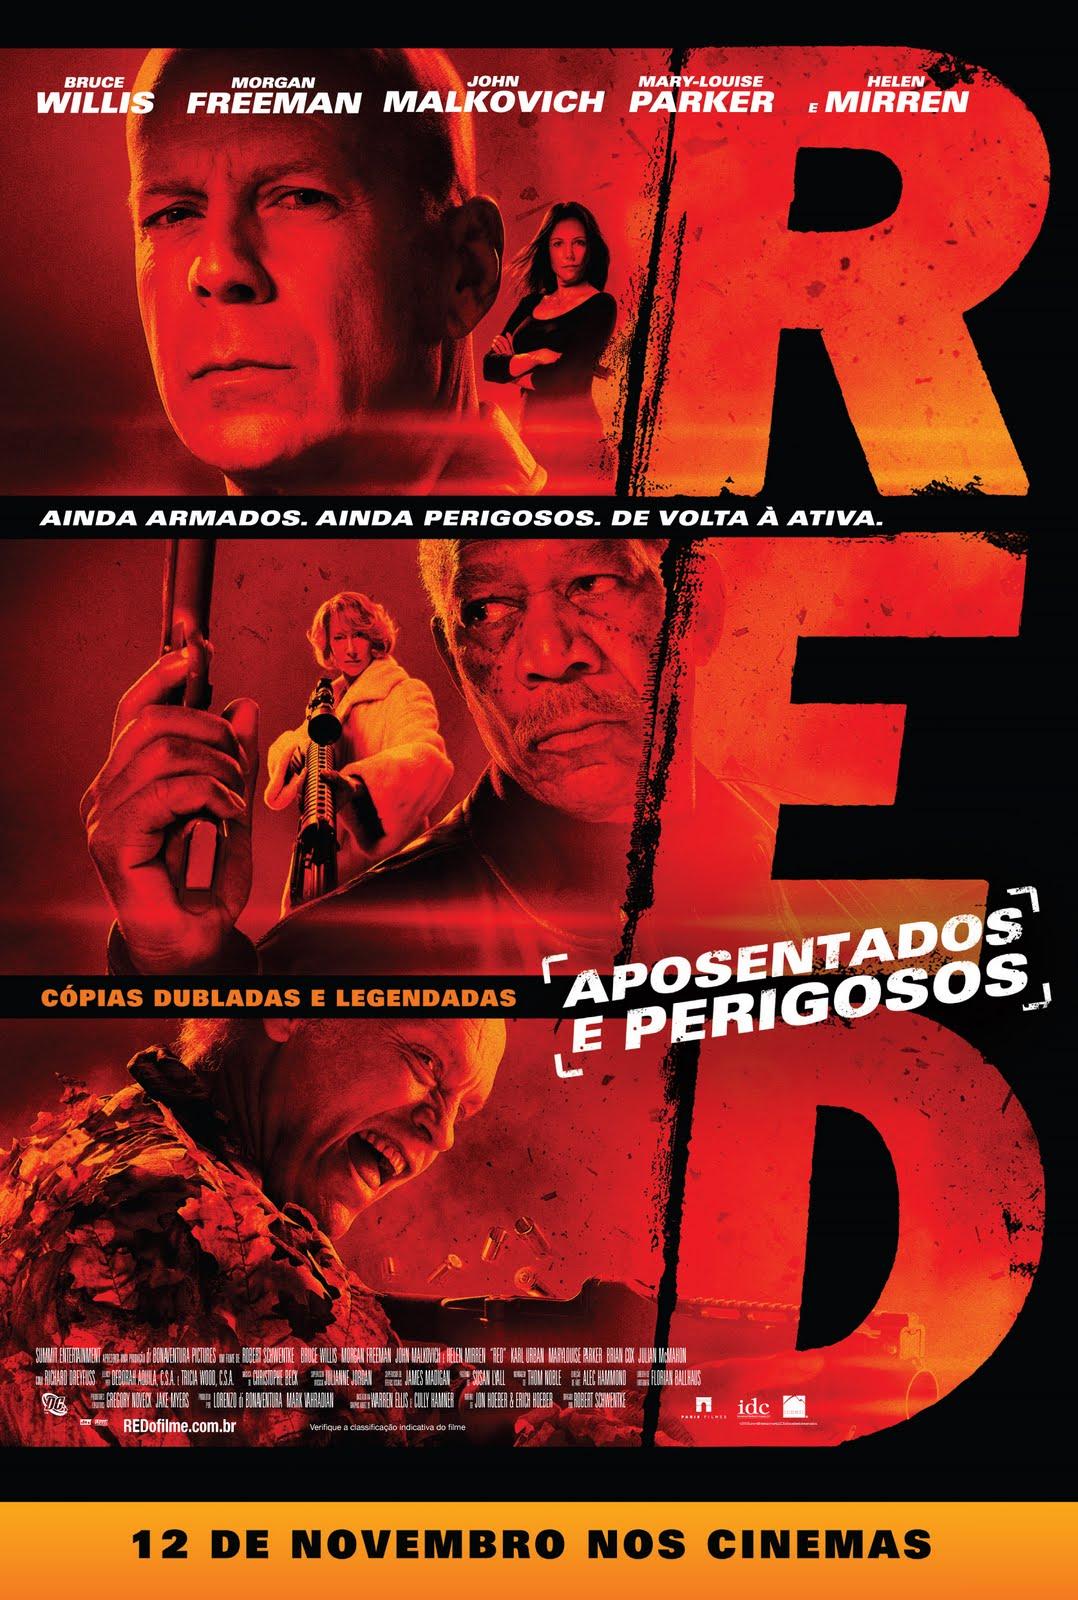 http://2.bp.blogspot.com/_SwUGSKjyz1c/TNwoj7GXlhI/AAAAAAAAAZg/hgQdtWiRb5I/s1600/RED_poster.jpg